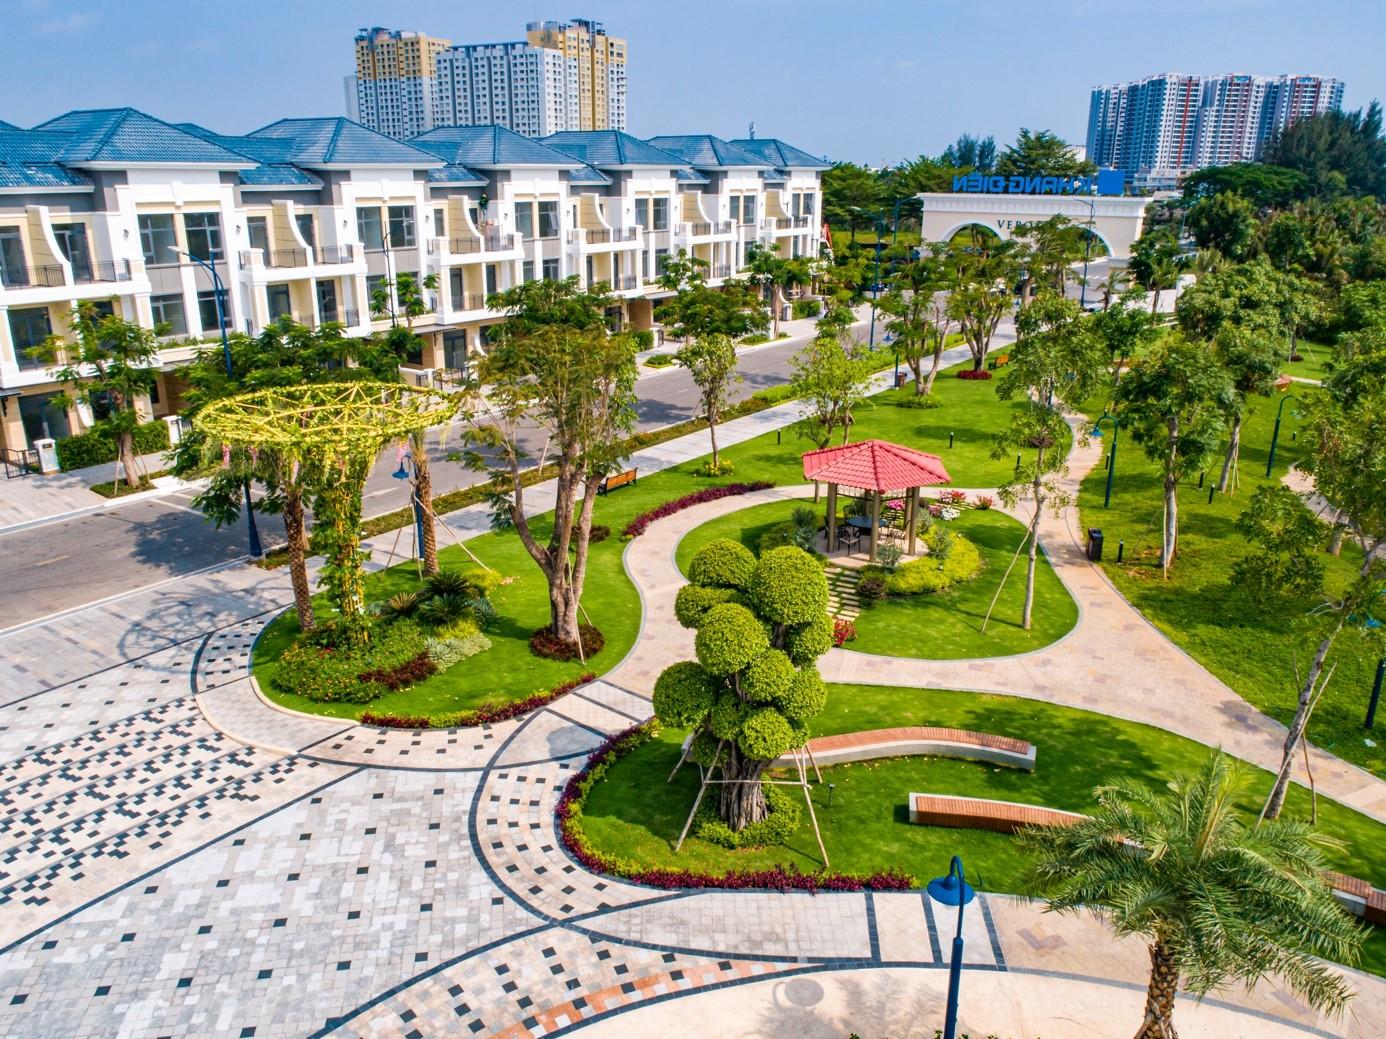 Dự án nhà liên kế và biệt thự sang trọng Verosa Park gồm 296 căn hiện đang bàn giao đợt 1 cho cư dân.